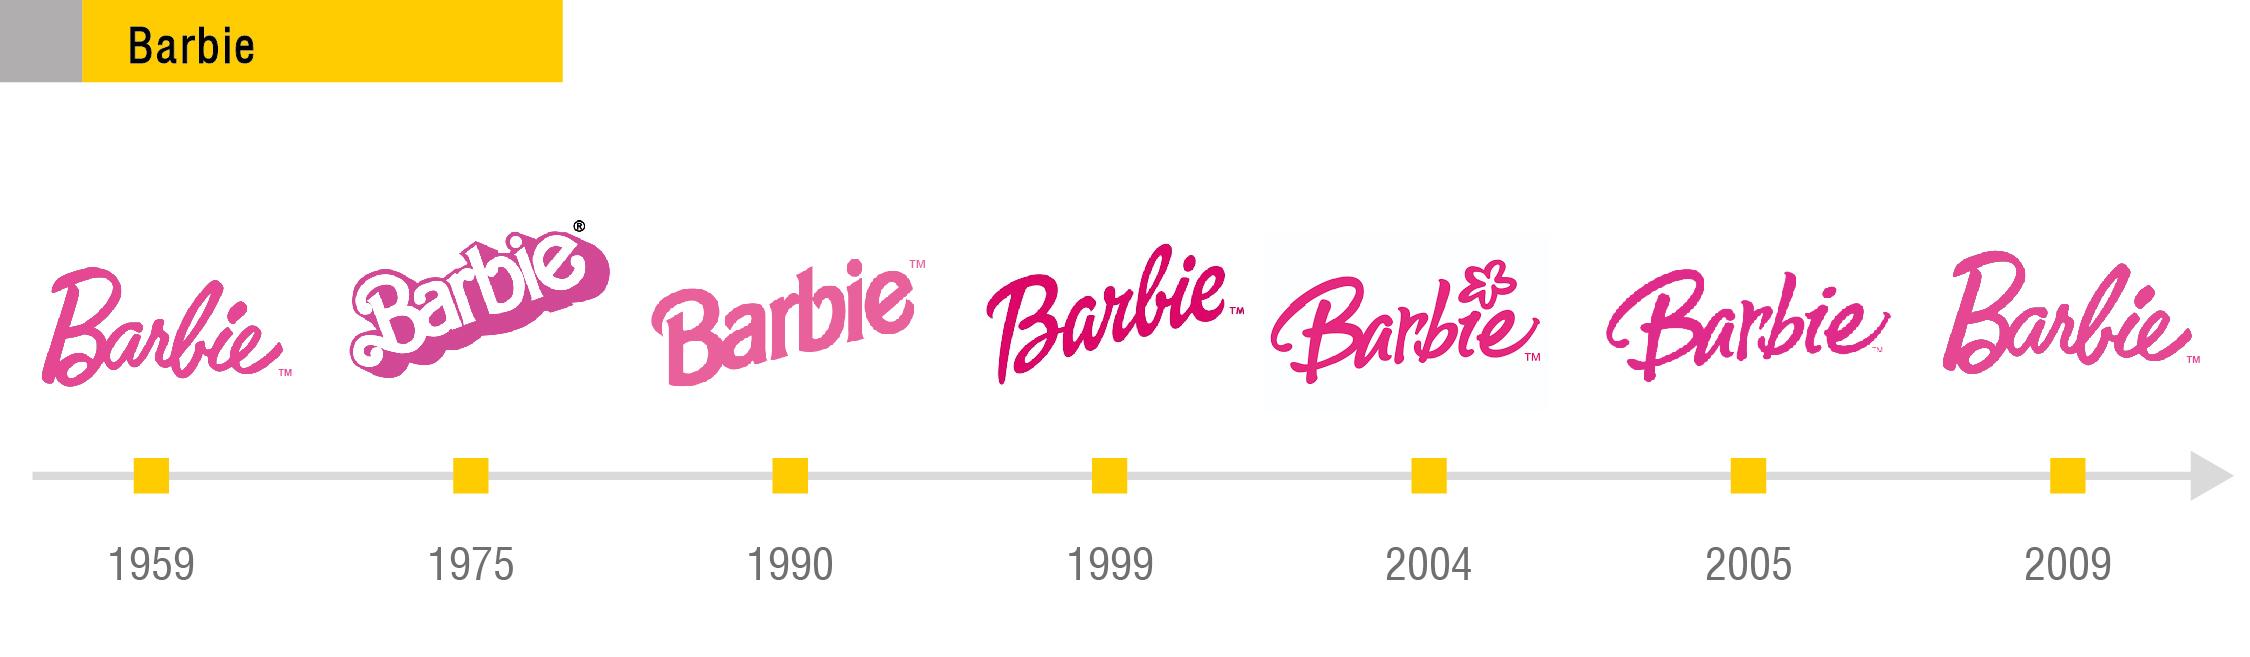 Логотип Barbie – круг в 50 лет